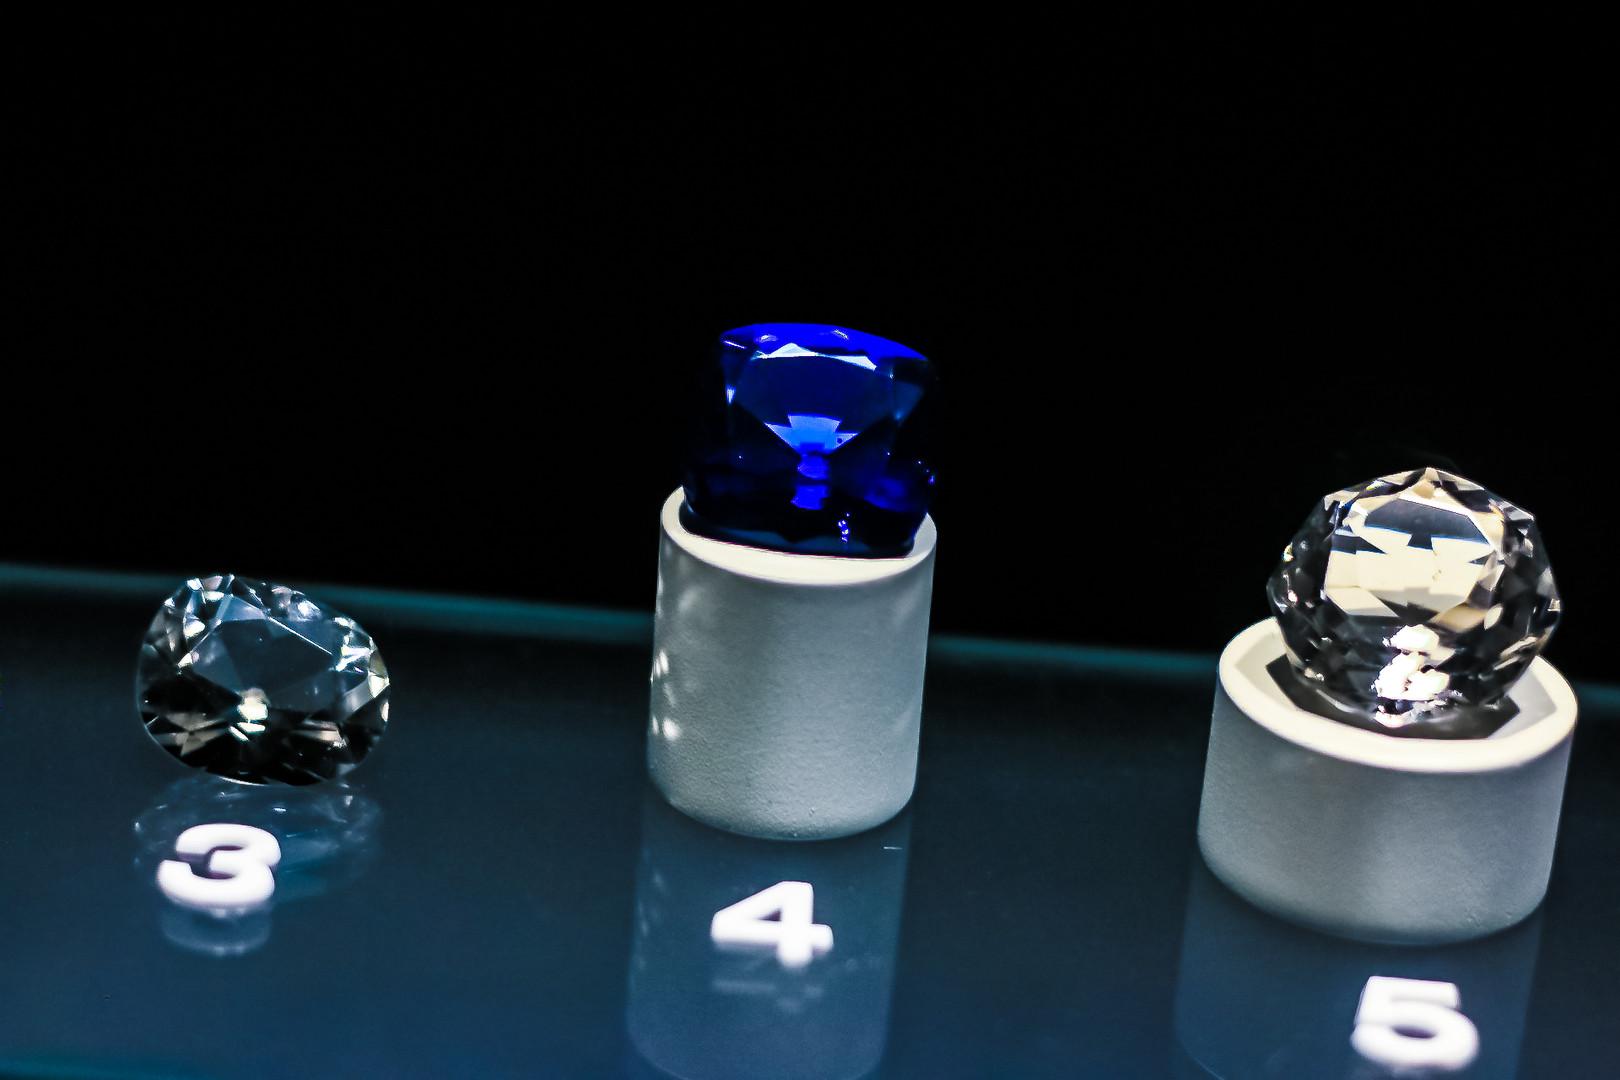 Diamond replicas